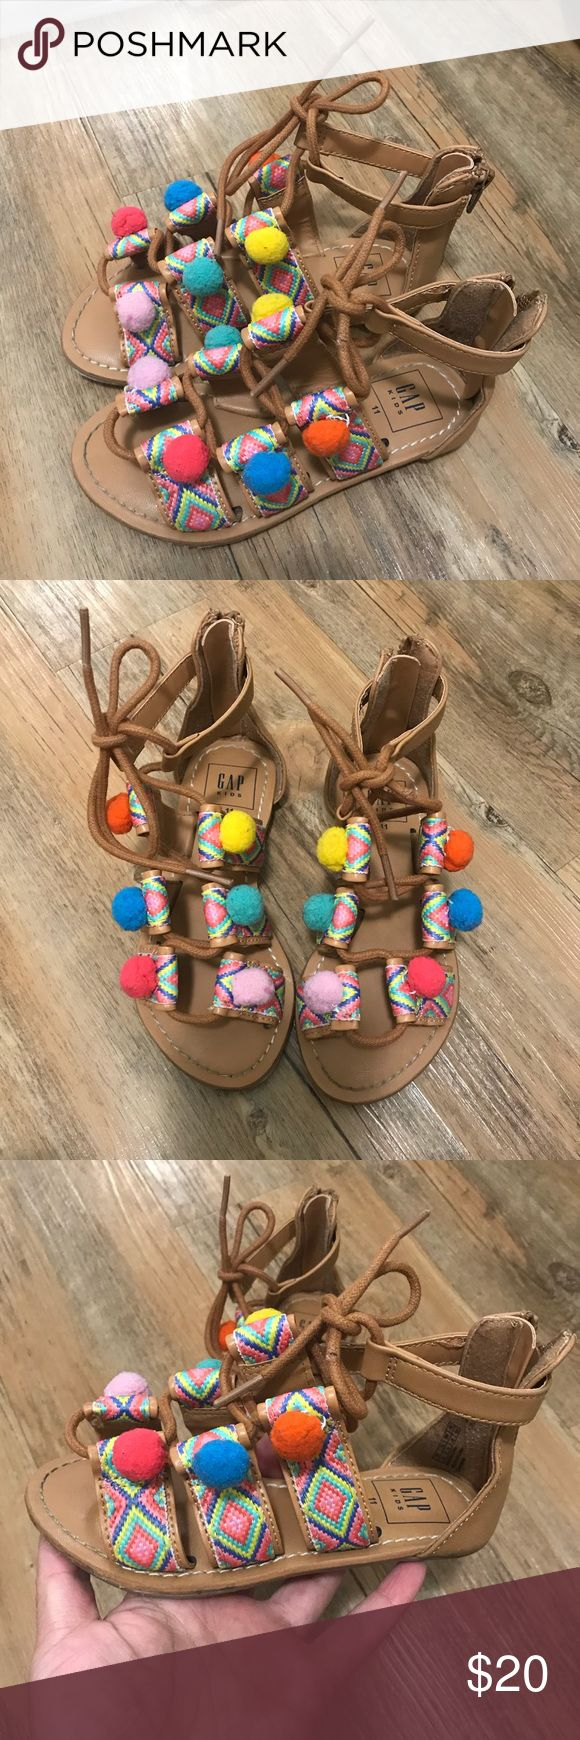 Gap kid sandals size 11c Worn once GAP Shoes Sandals & Flip Flops